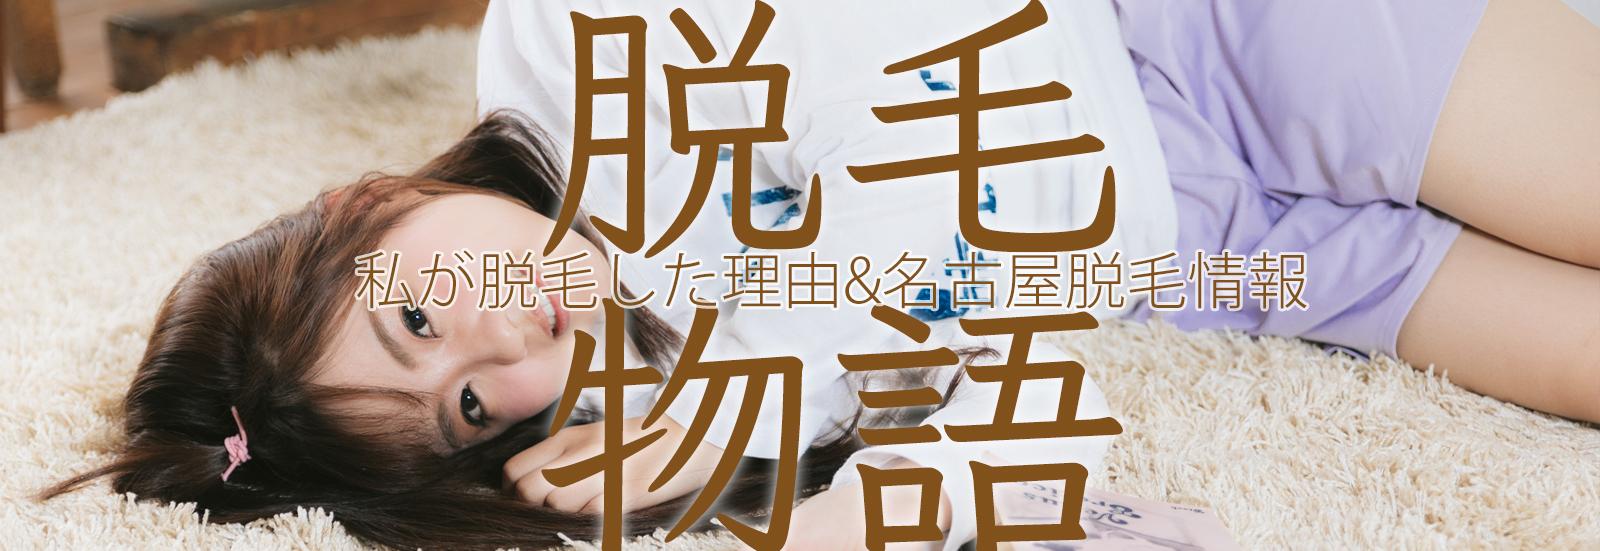 名古屋・名駅・栄の脱毛サロン(キレイモなど)の実体験レポート&まとめ情報局